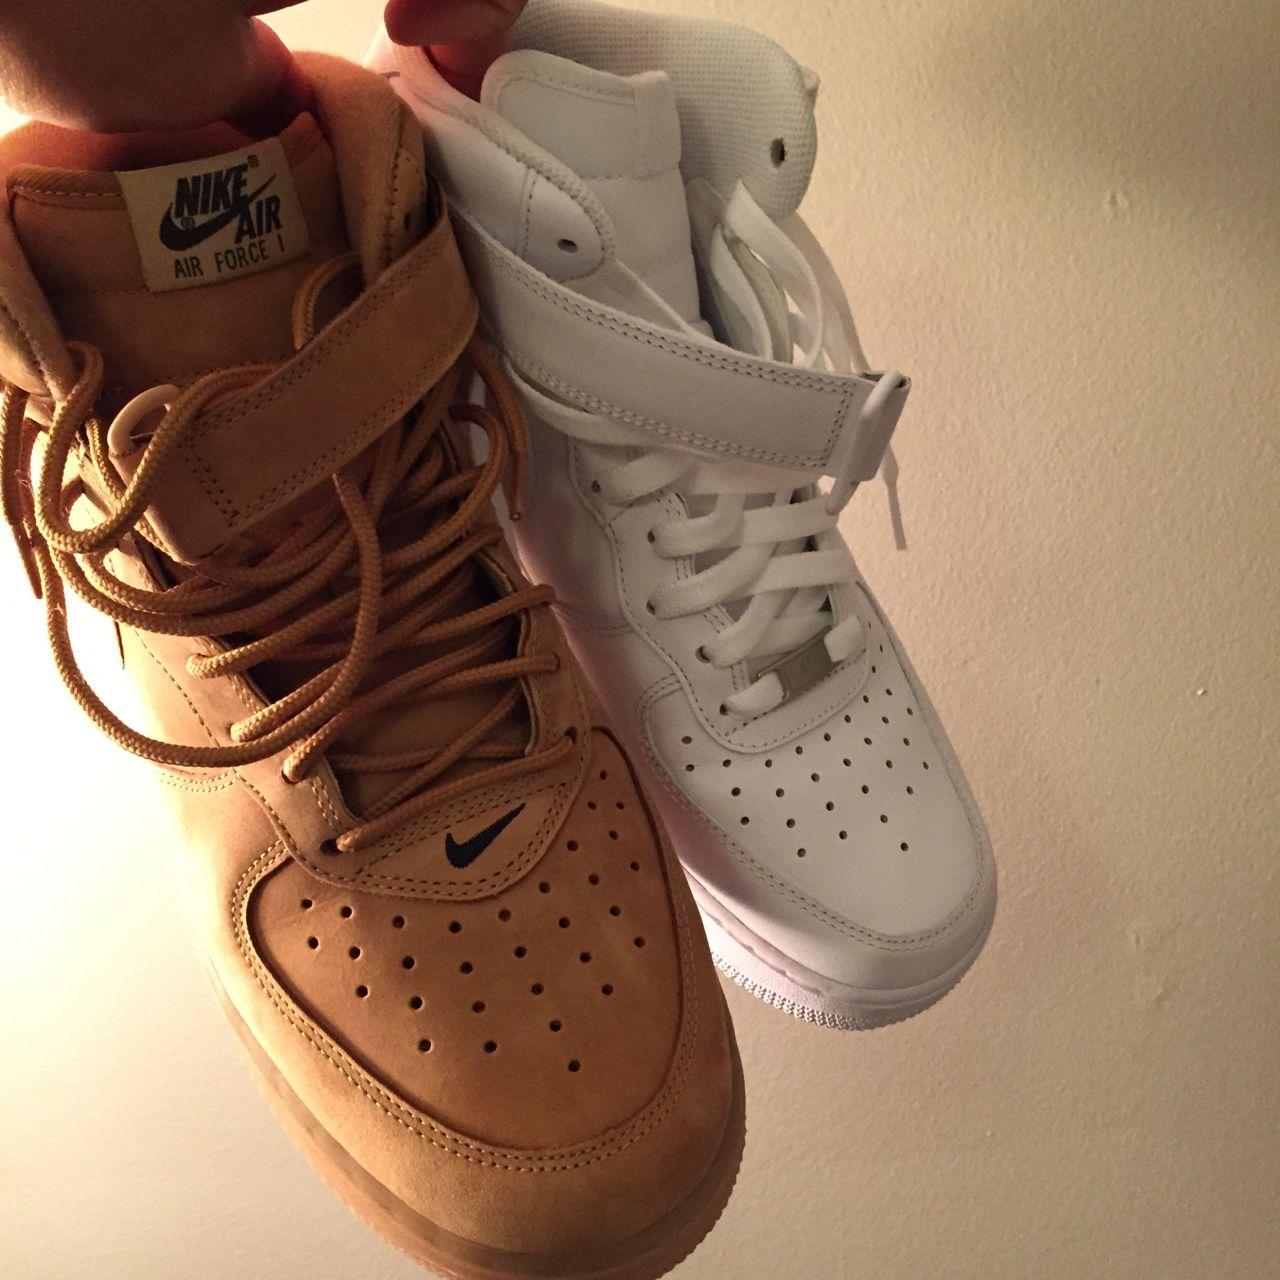 killin' em Foto Nike gratis schoenen, Schoenen, Sneaker